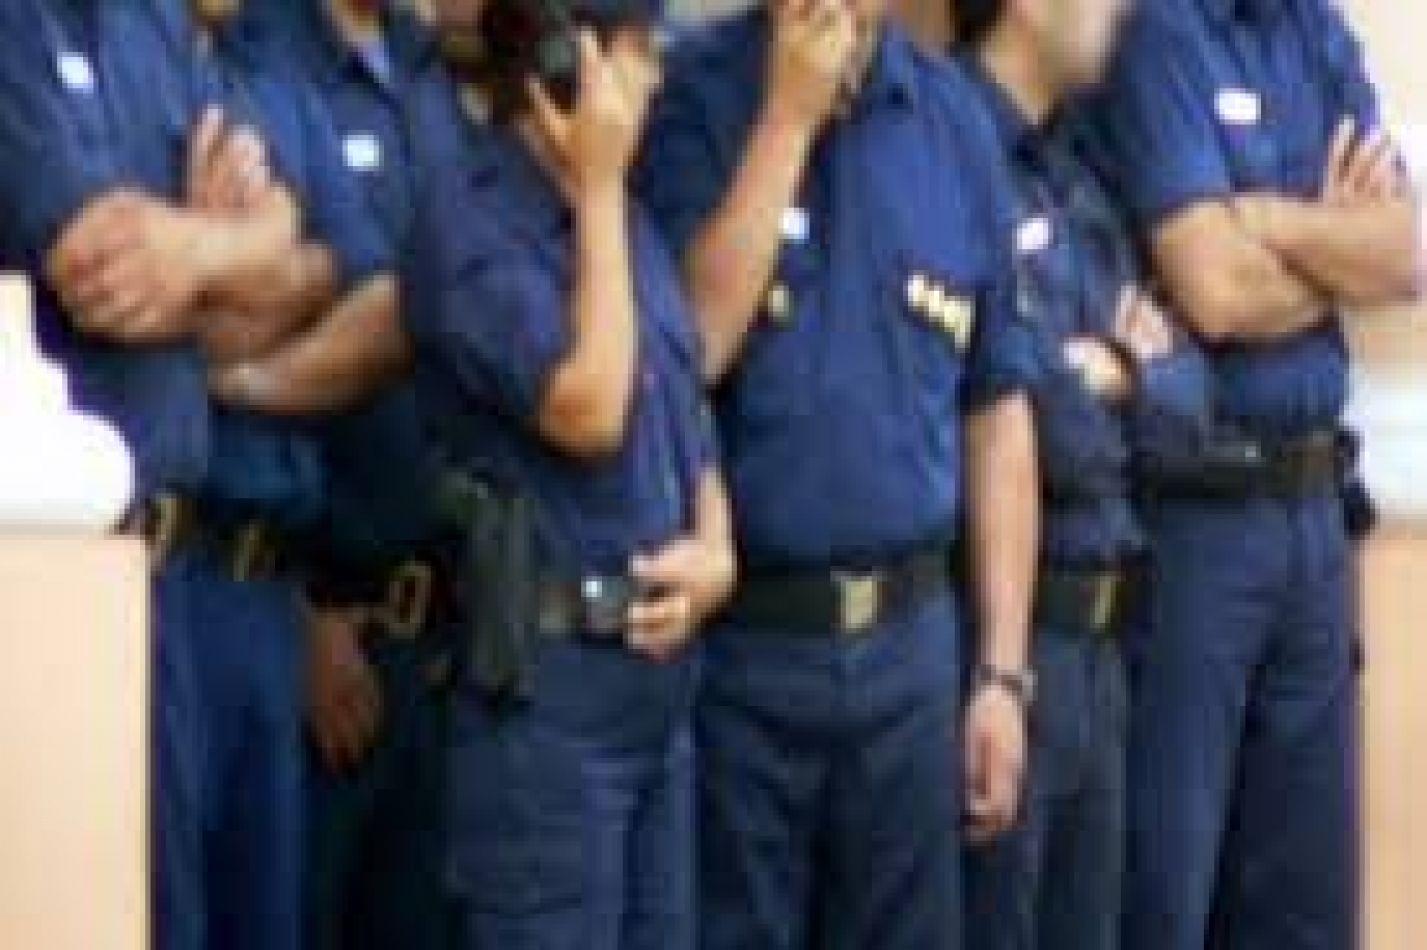 Seis policías salteños imputados por matar a un joven en Villa Primavera